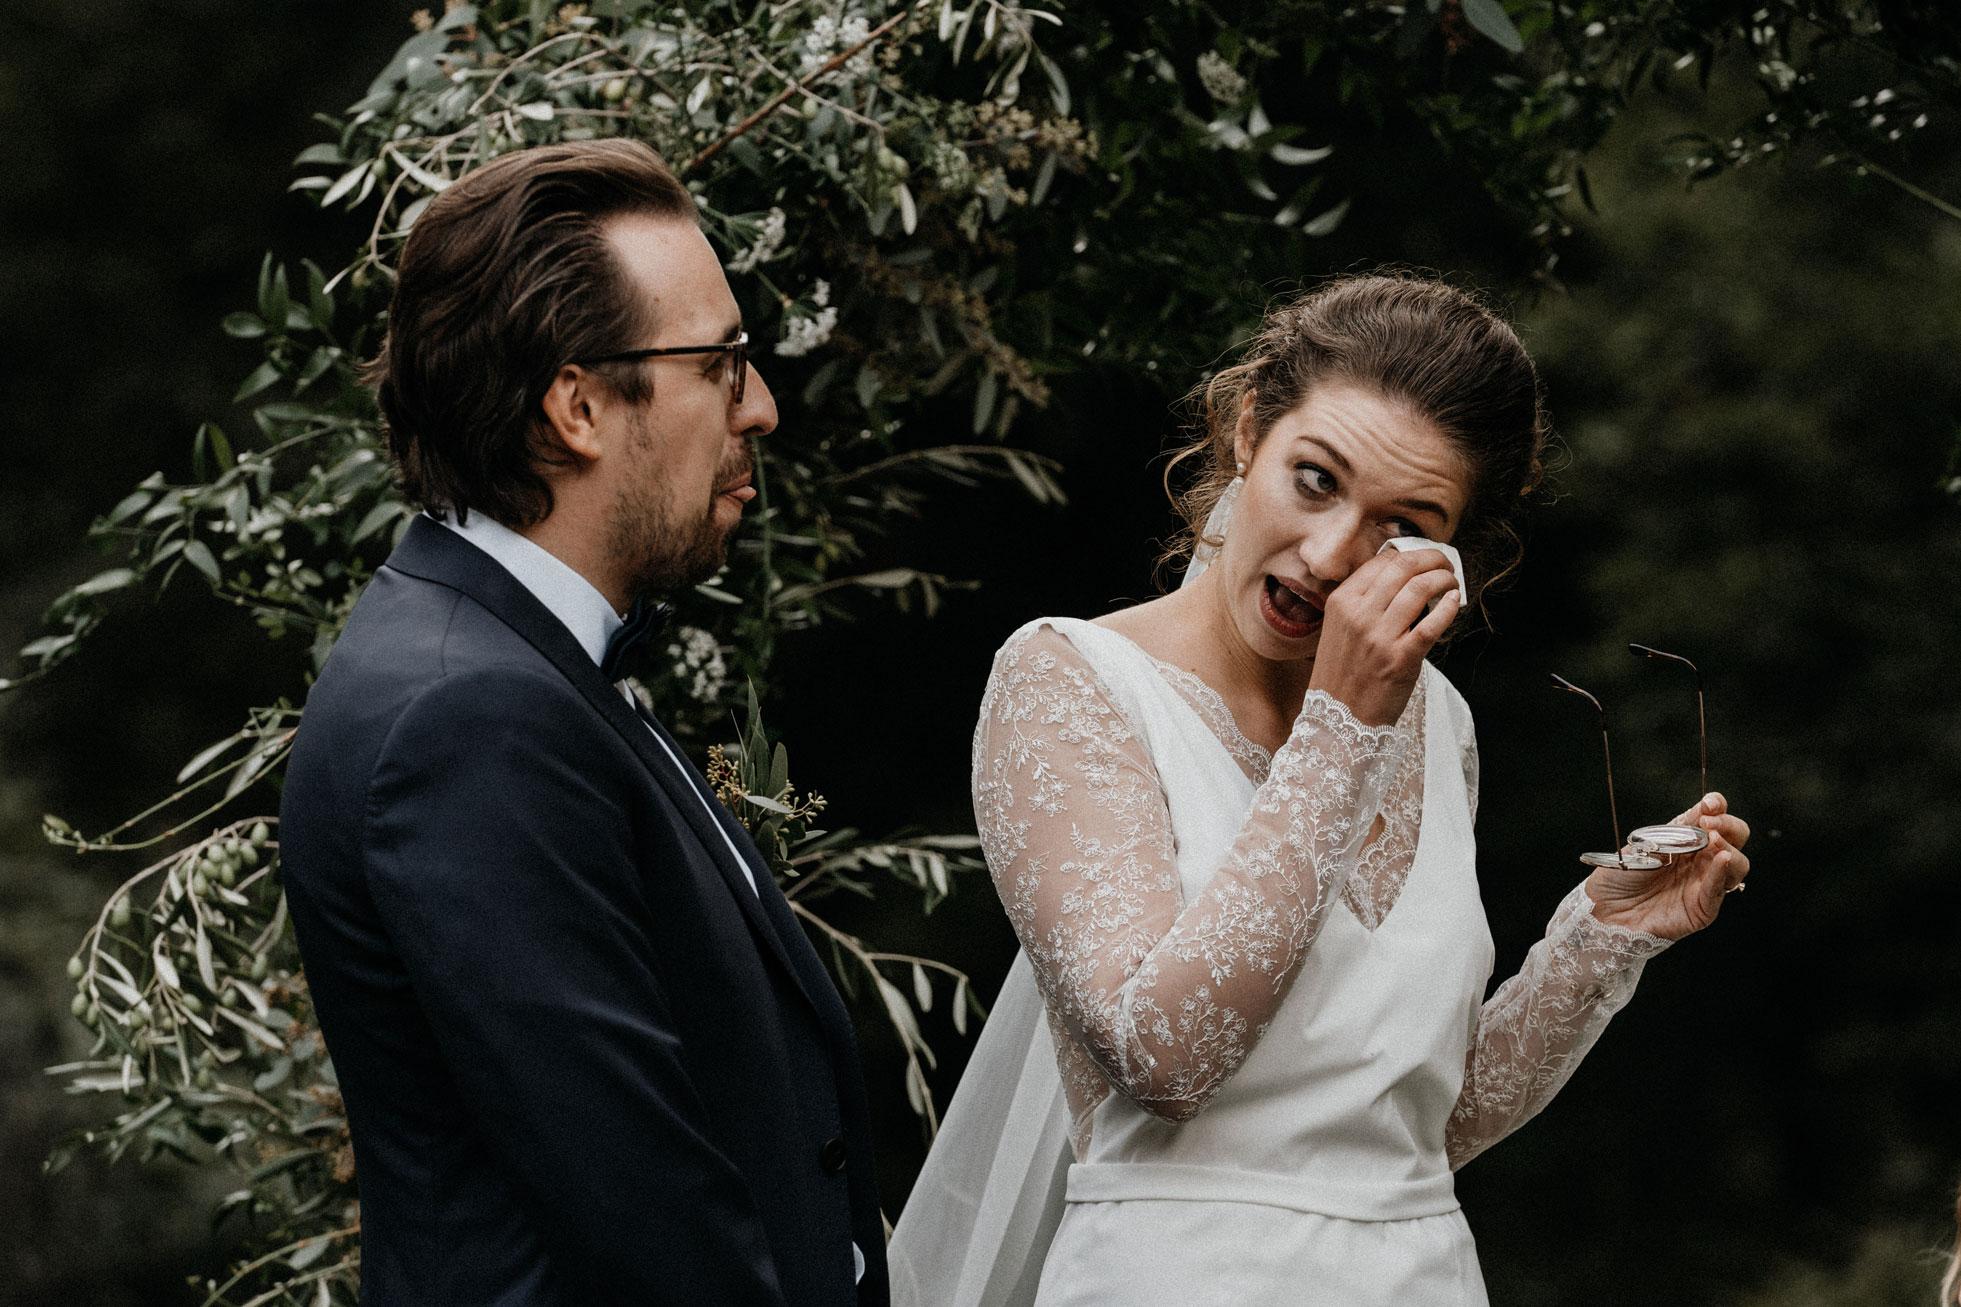 Hochzeit_Claire_Manuel_Villa_Maund_Daniel_Jenny-178.jpg